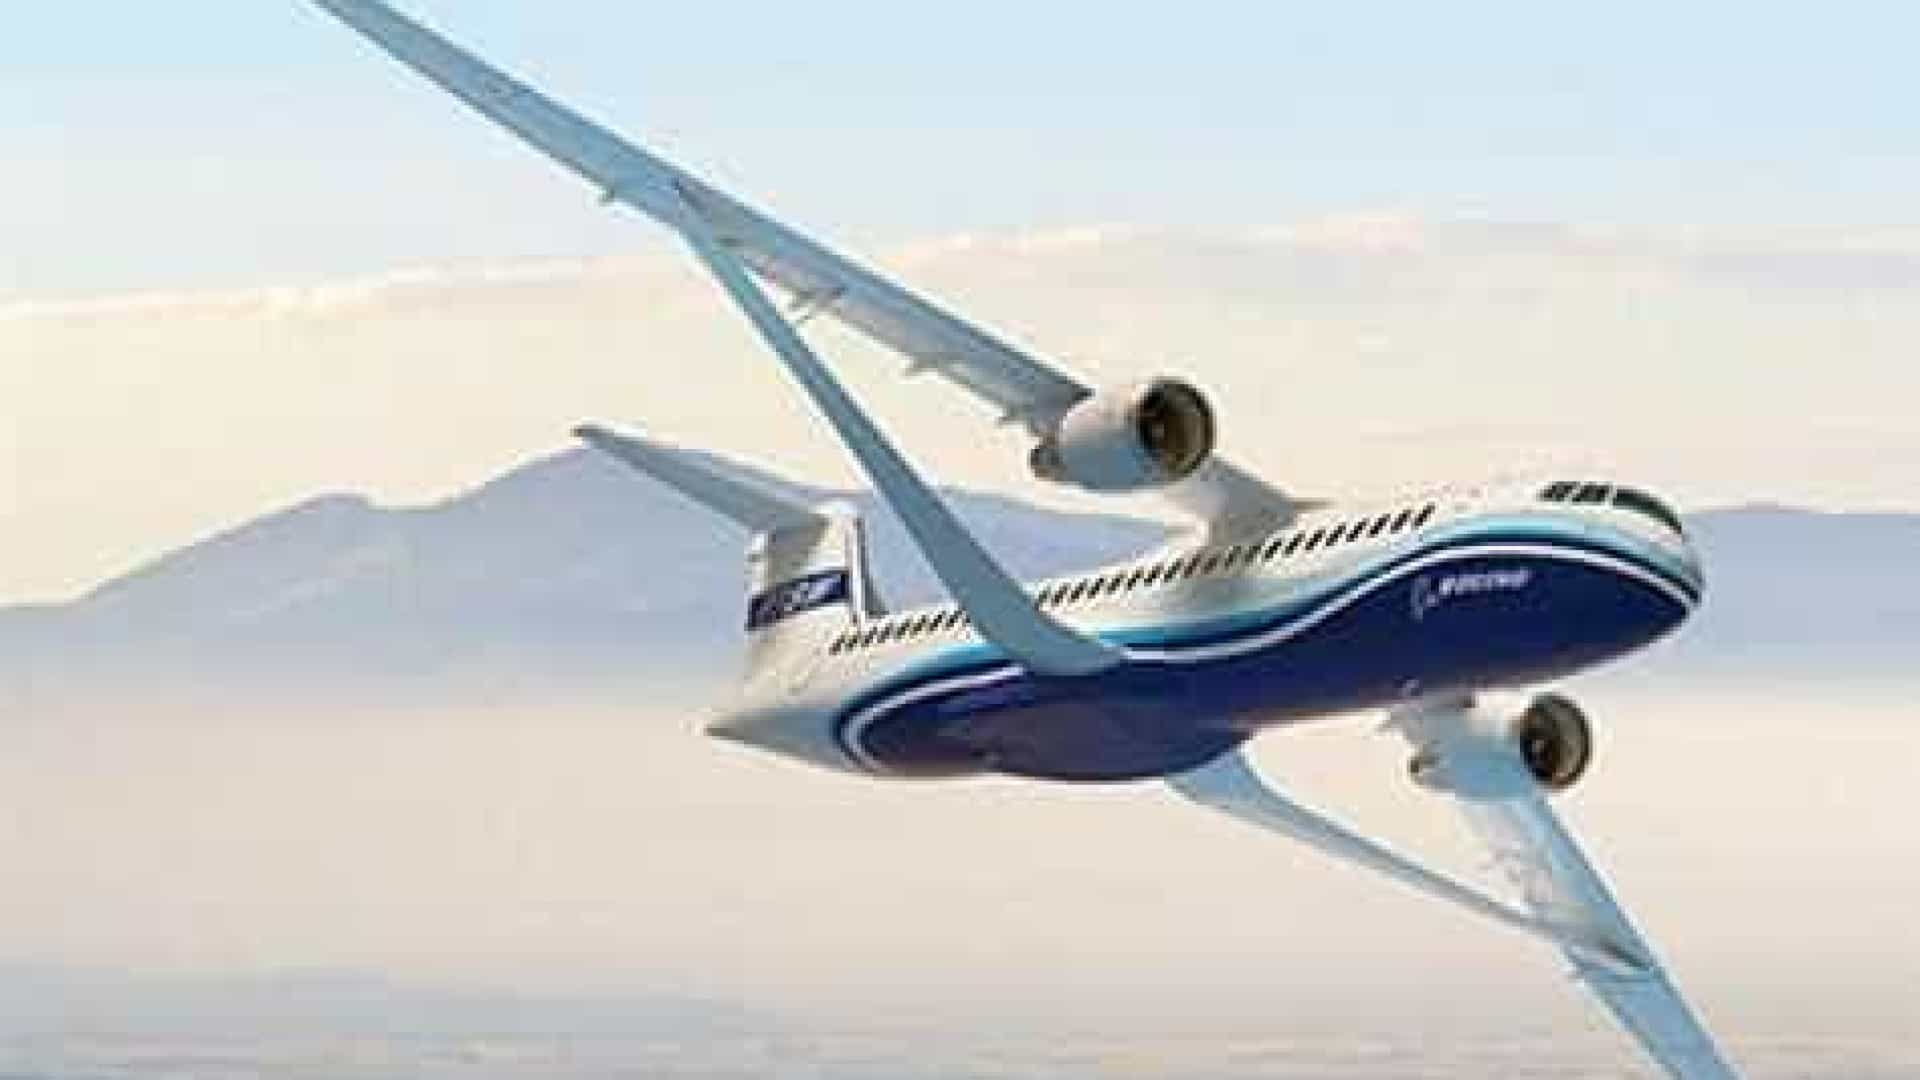 Boeing aposta em 'asa-treliça' para tornar avião mais rápido